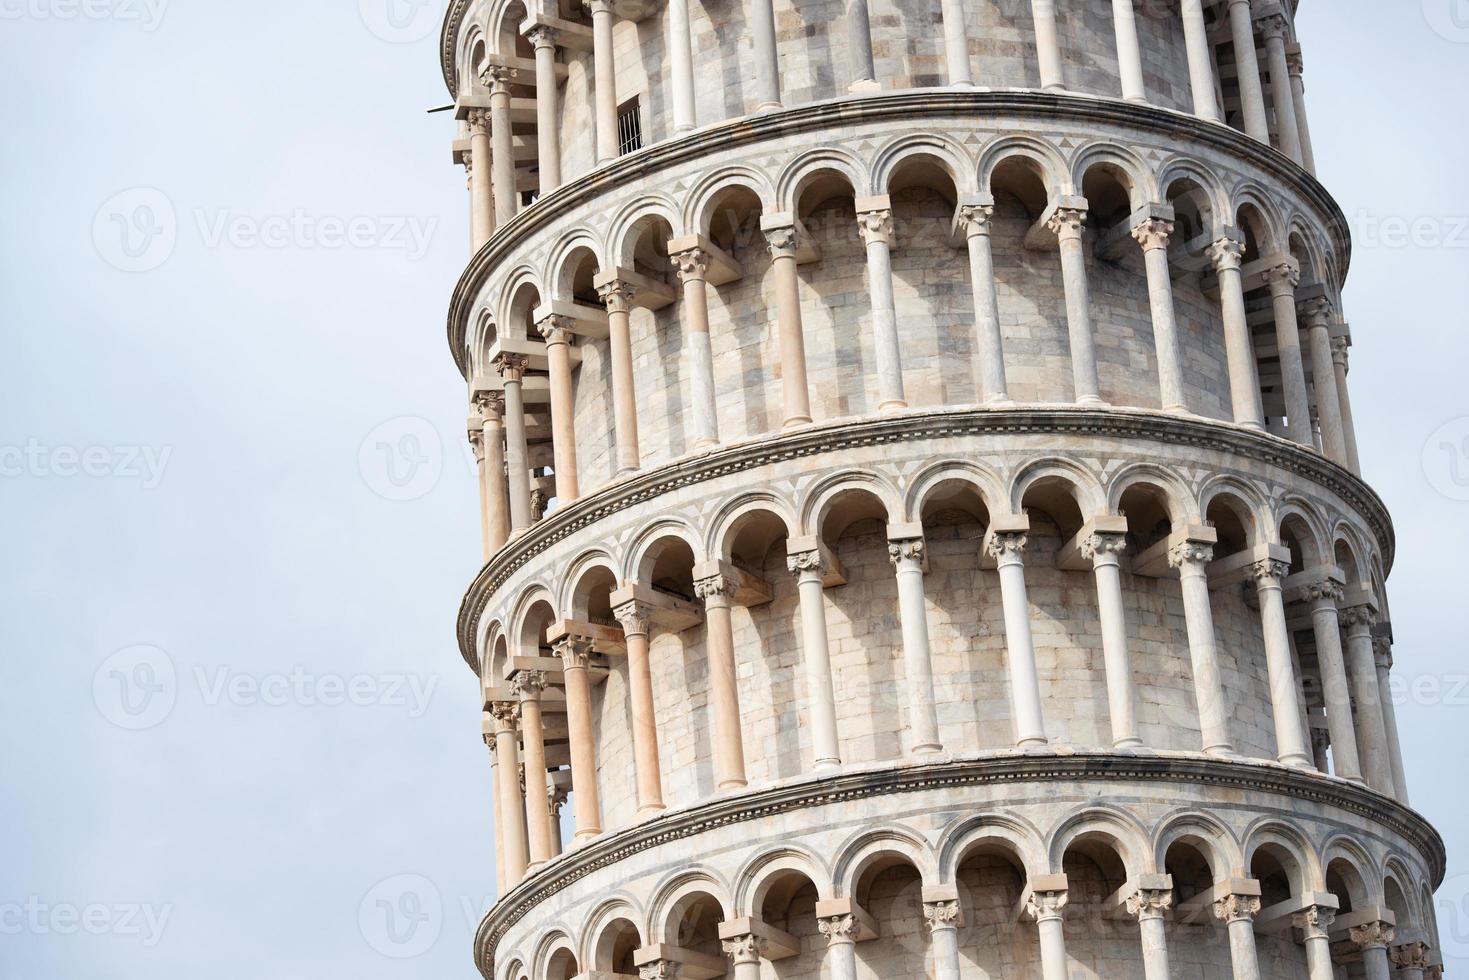 tour penchée, pise, italie photo